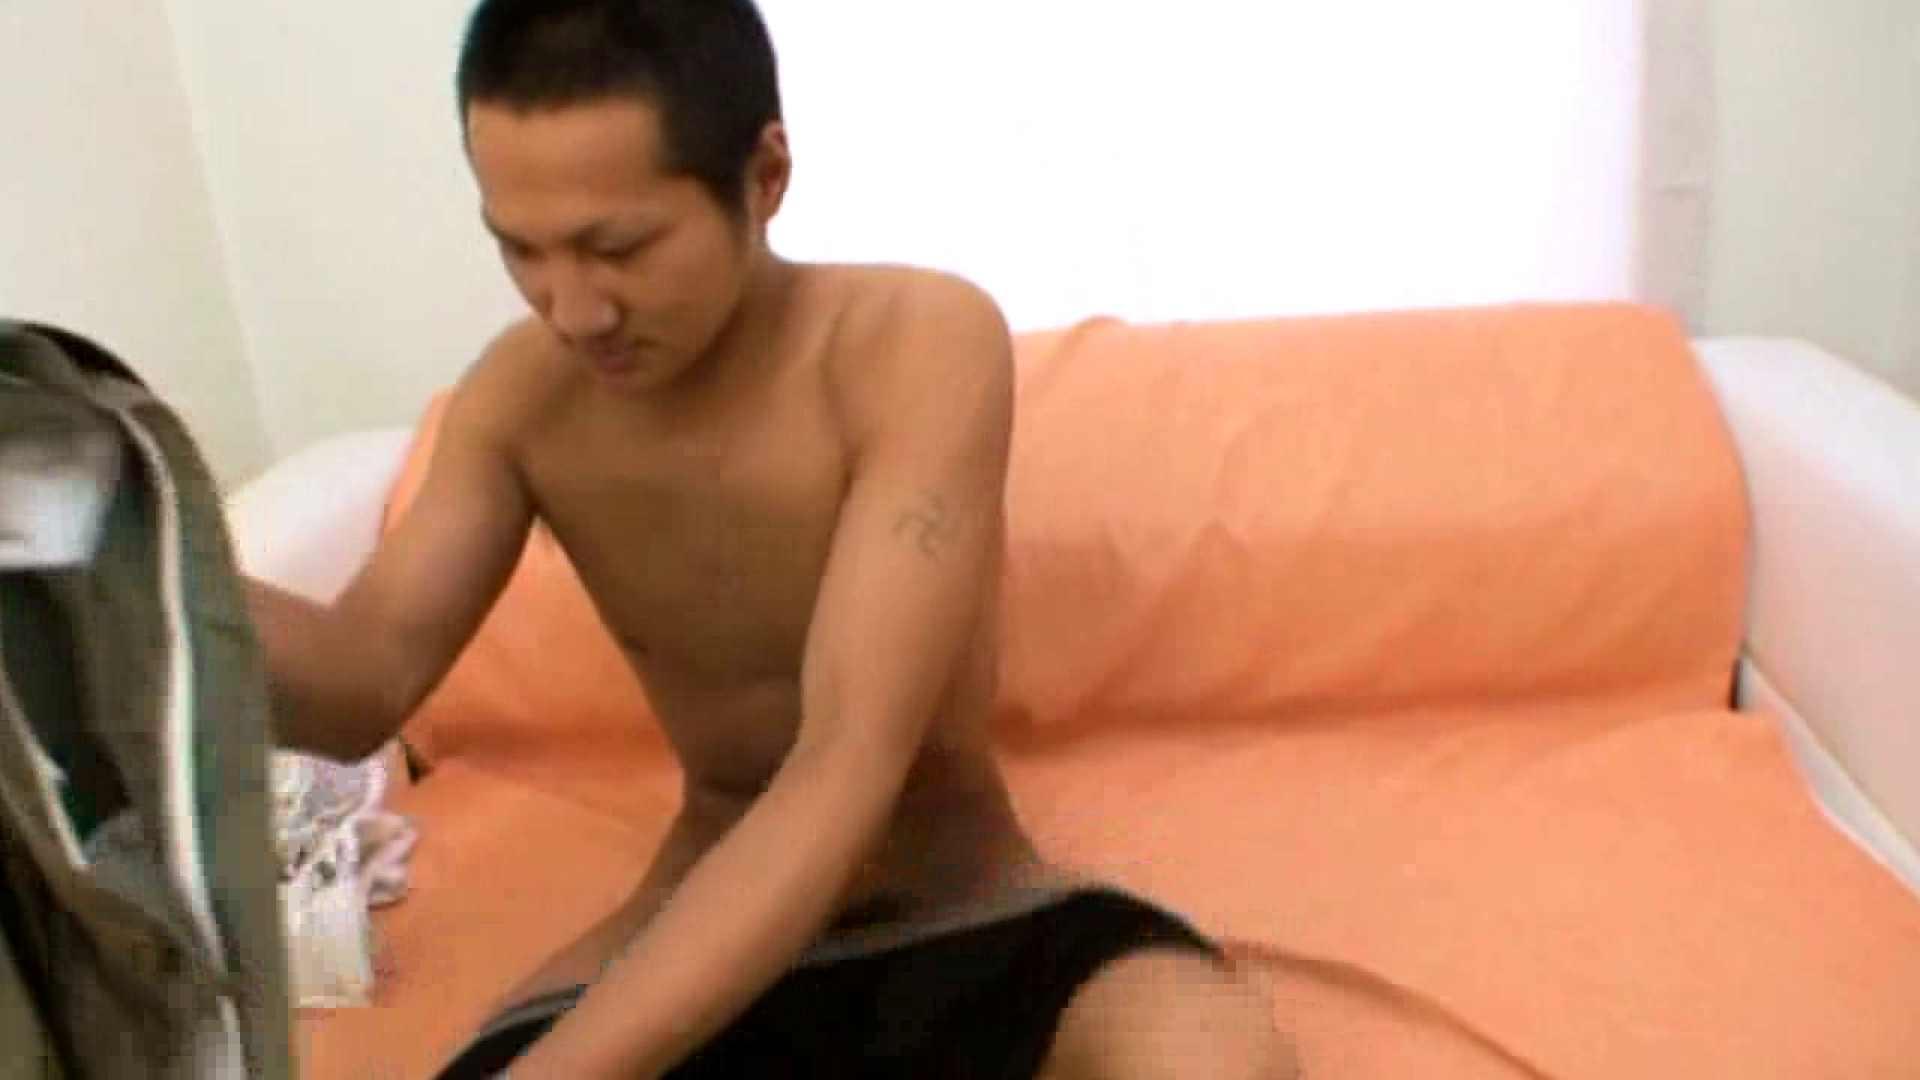 ノンケ!自慰スタジオ No.04 イメージ (sex)   オナニー ゲイエロ画像 80枚 51